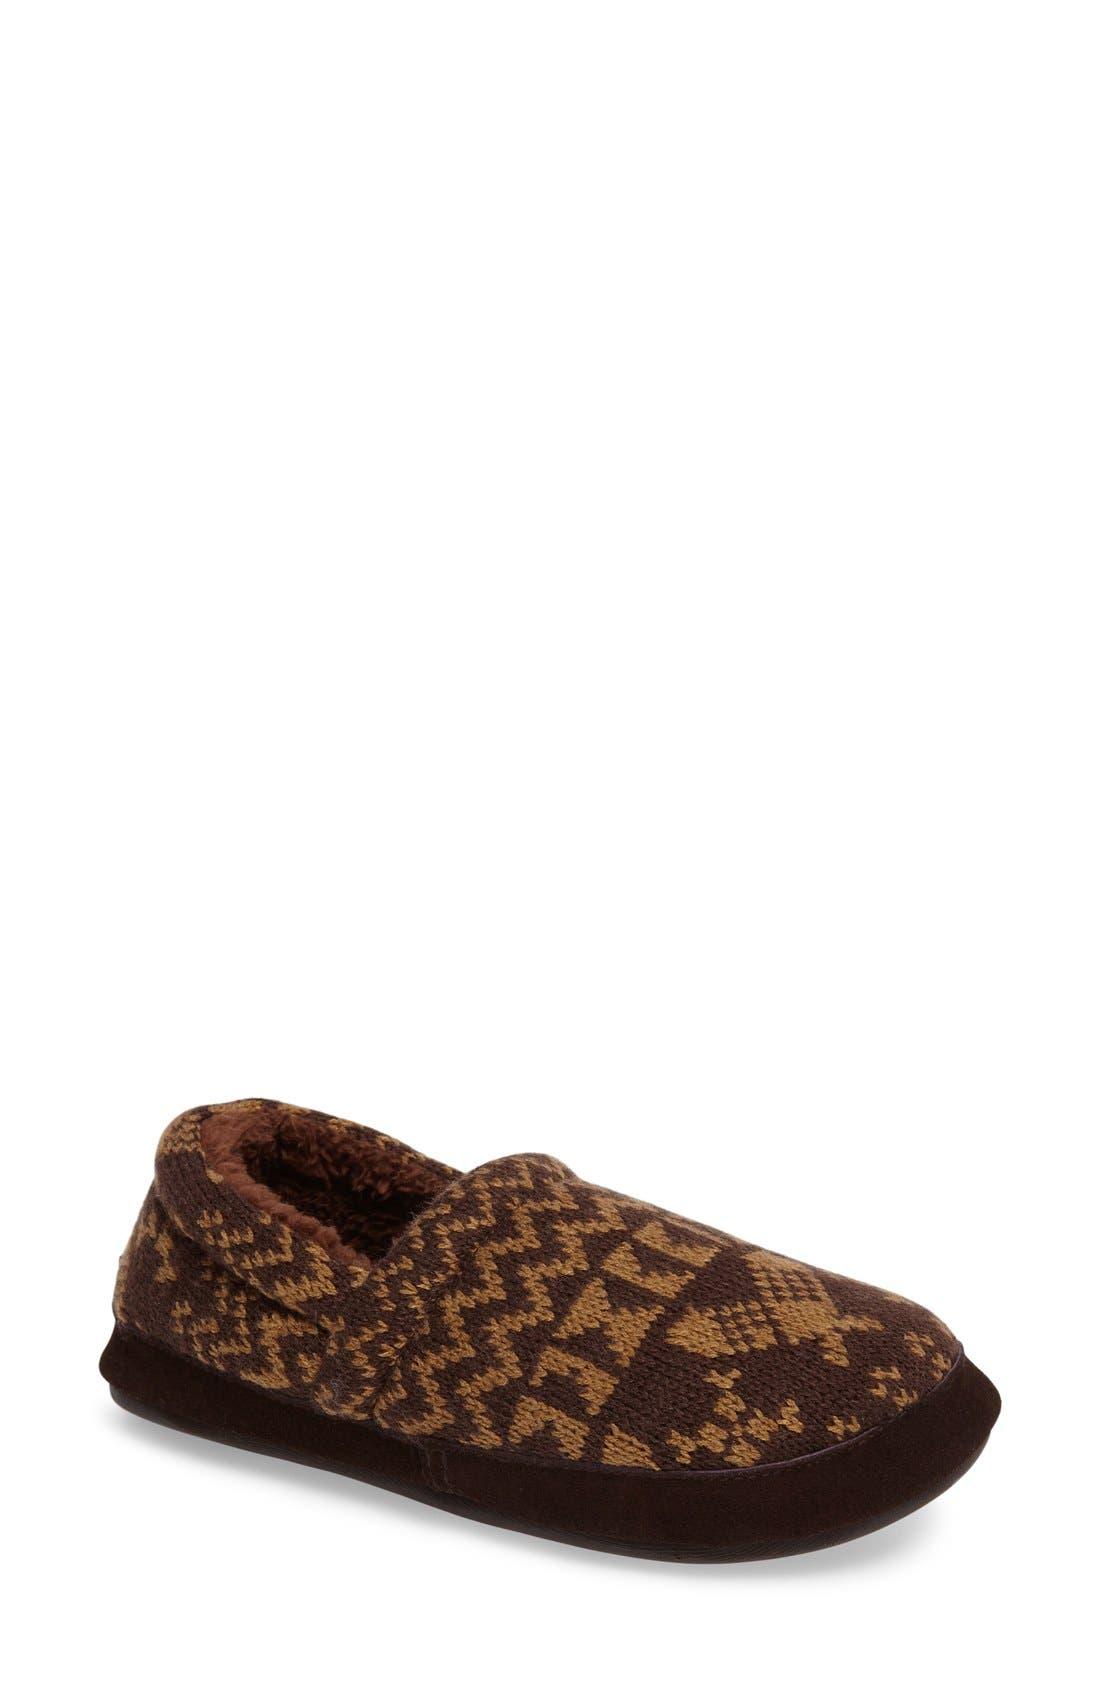 Whitecap Knit Slipper,                             Main thumbnail 1, color,                             Java Snowshoe Fabric